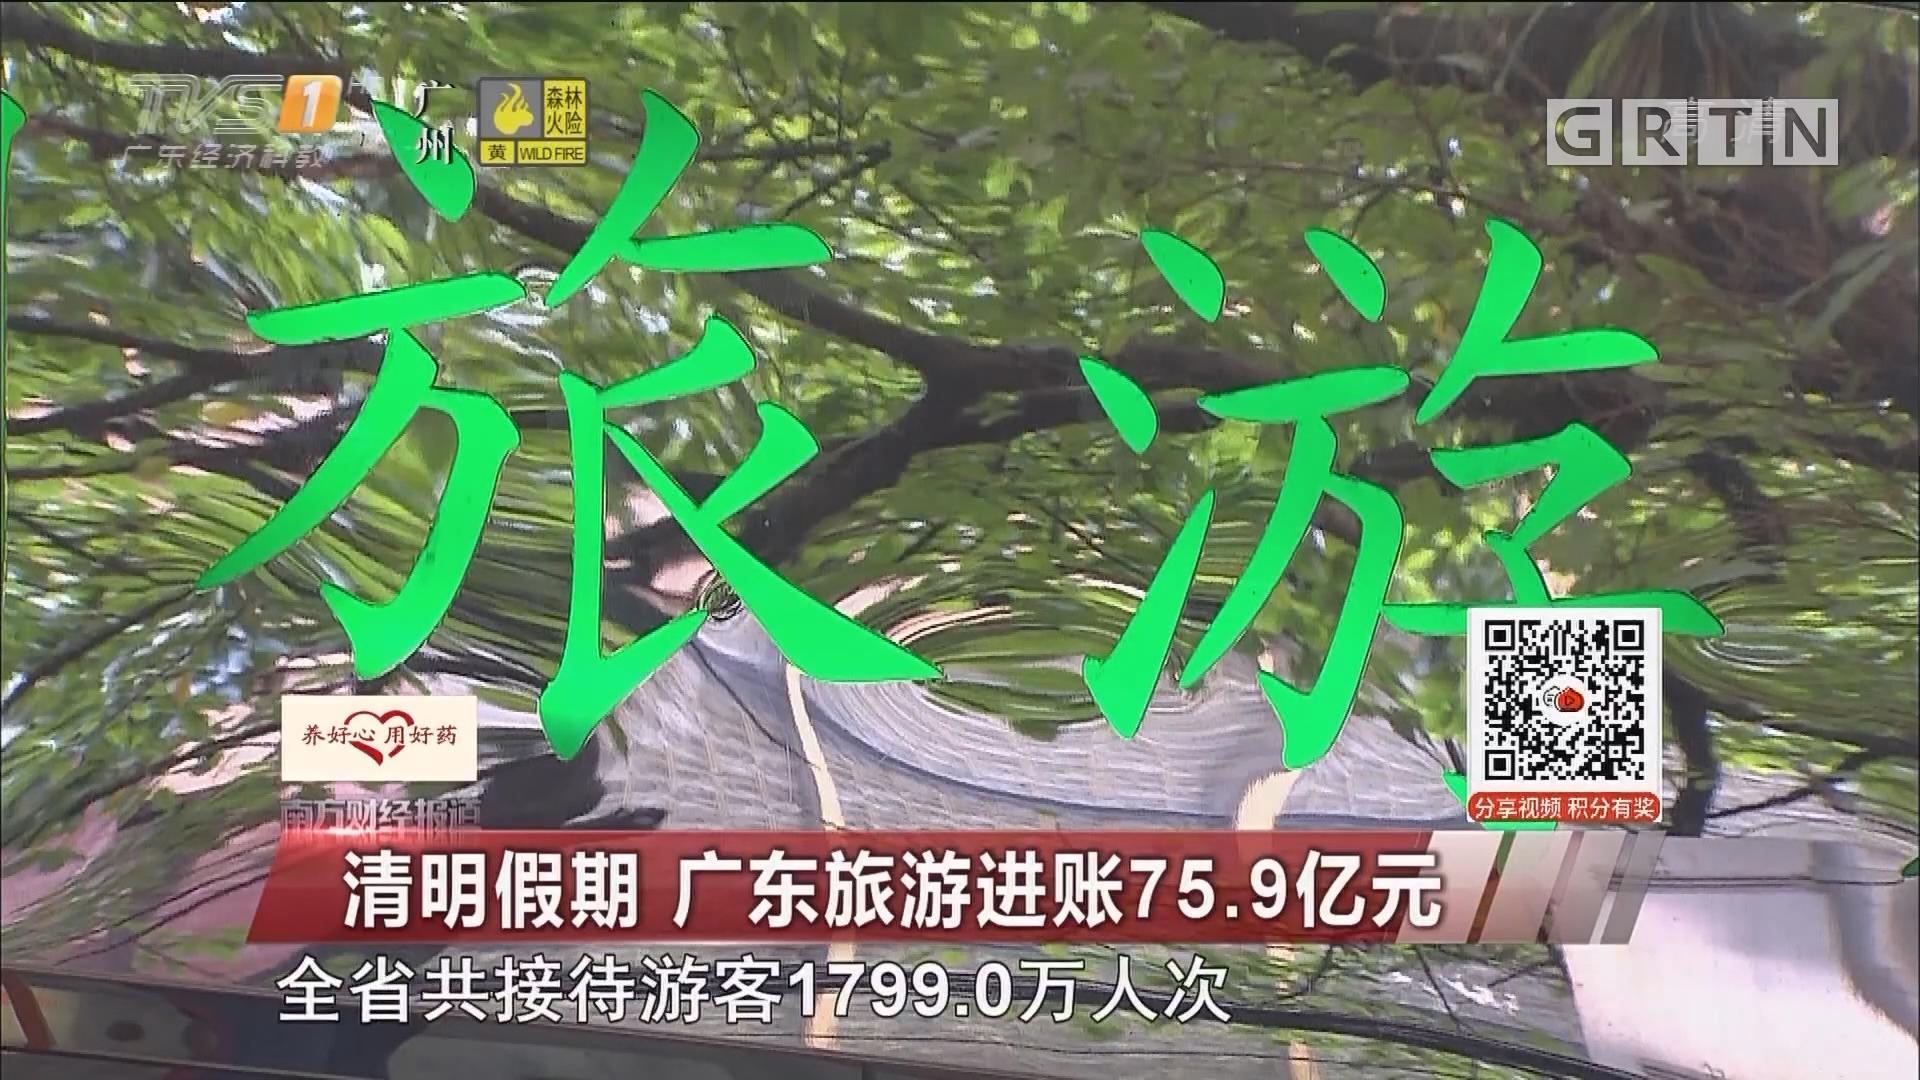 清明假期 广东旅游进账75.9亿元